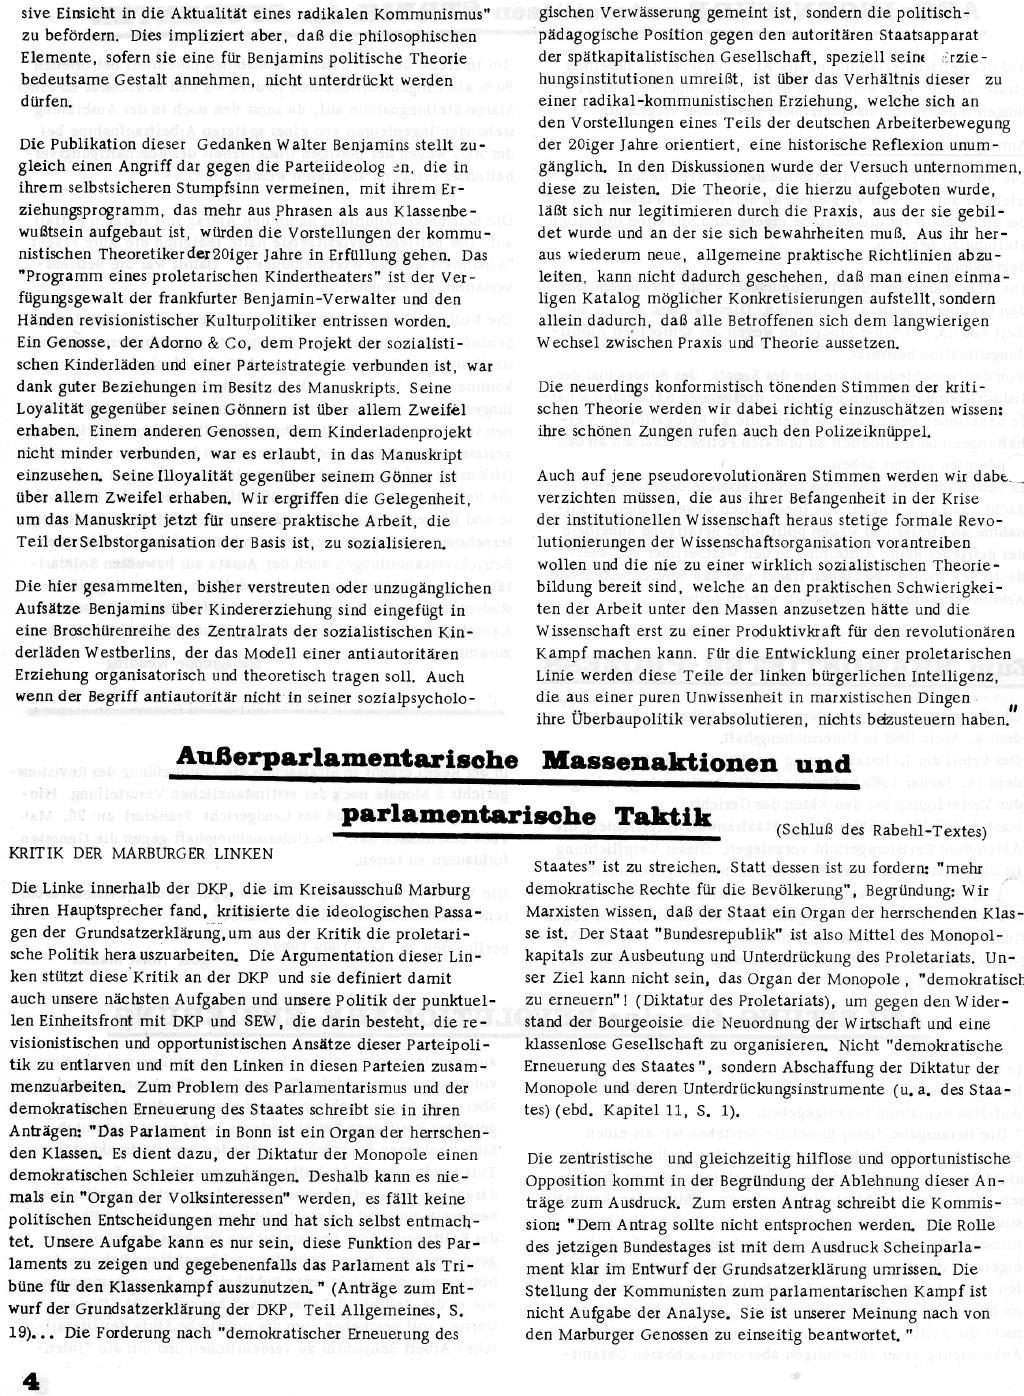 RPK_1969_016_04